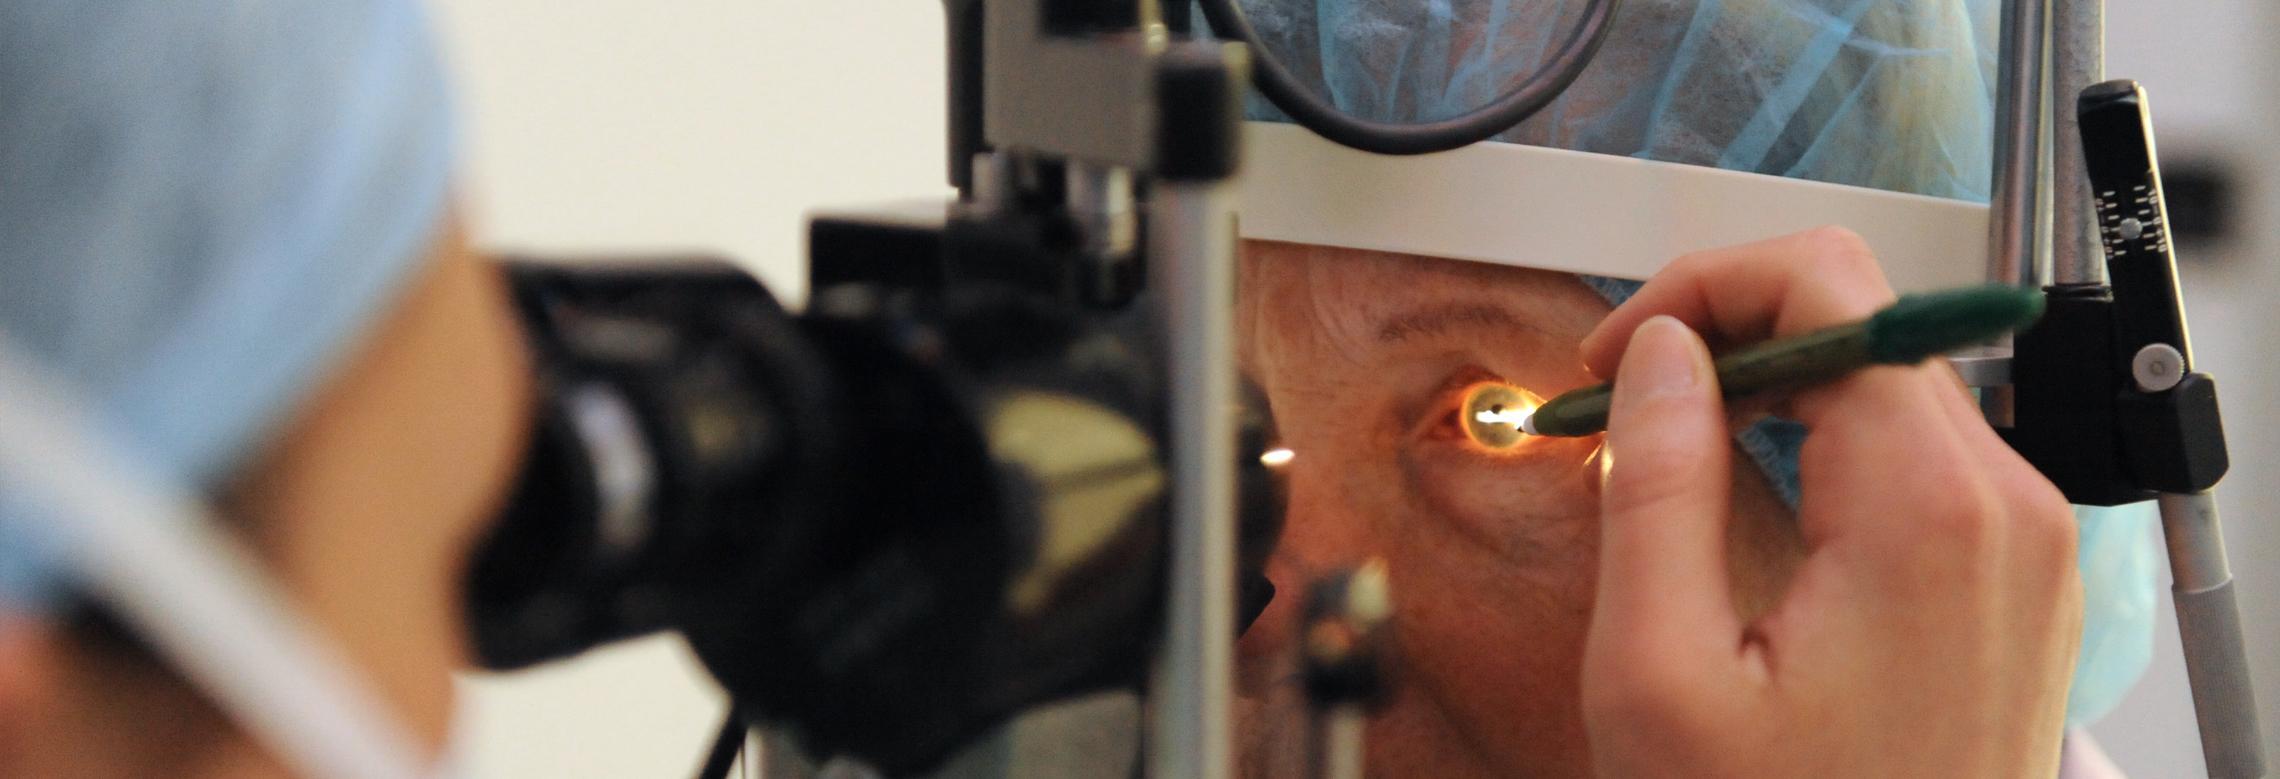 Le chirurgien marque l'œil du patient pour l'opération de la myopie